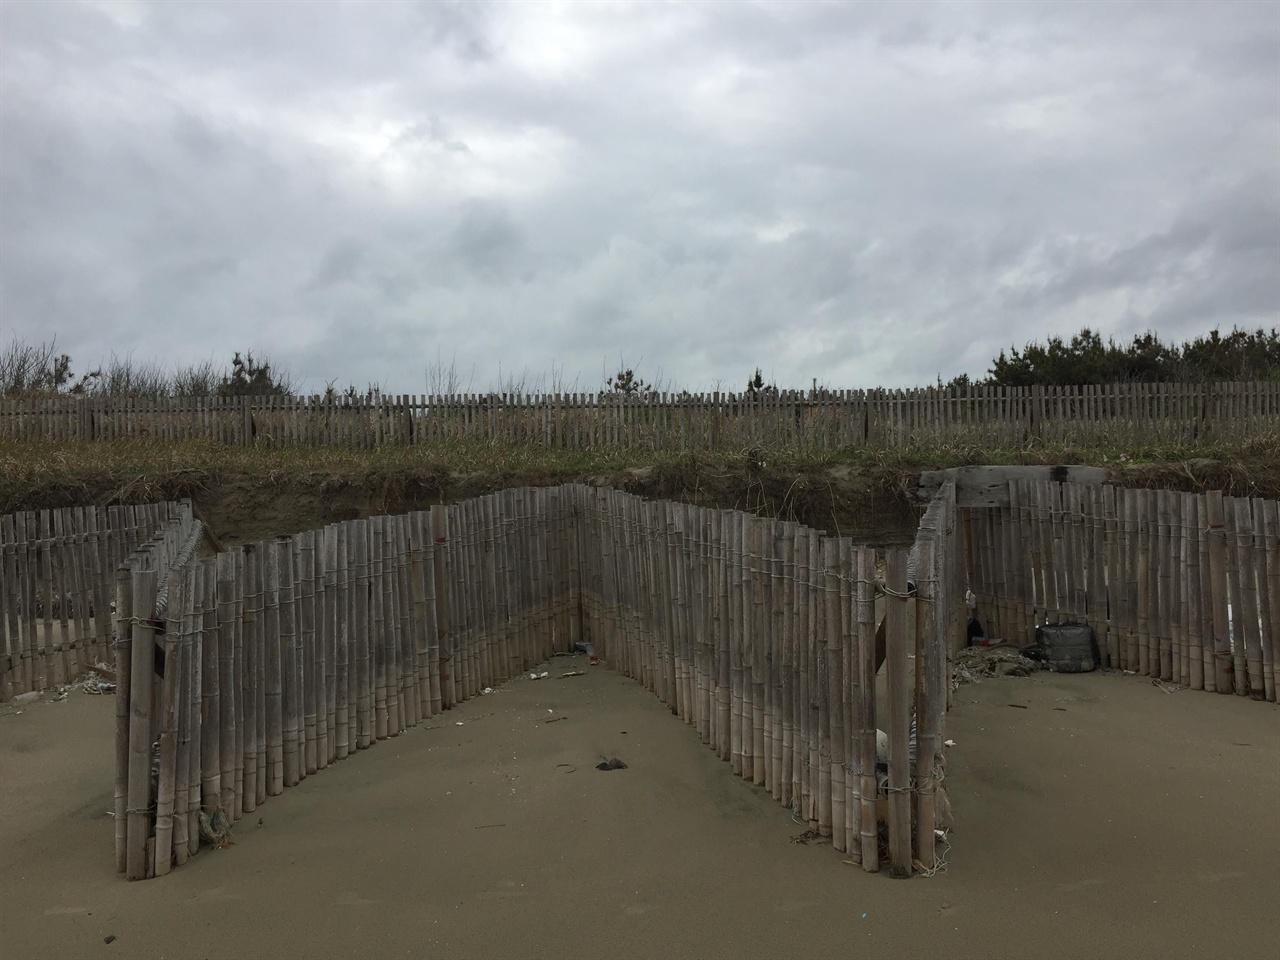 모래가 쓸려내려가지 않도록 세워놓았어요! 명사십리 해수욕장의 모래를 보호하기 위해 세워놓은 대나무 담이예요. 거친 파도가 모래를 쓸어가는 것을 조금이라도 막아보기 위한 마을 사람들의 지혜였겠죠? 이걸 보는 순간 울컥했어요.